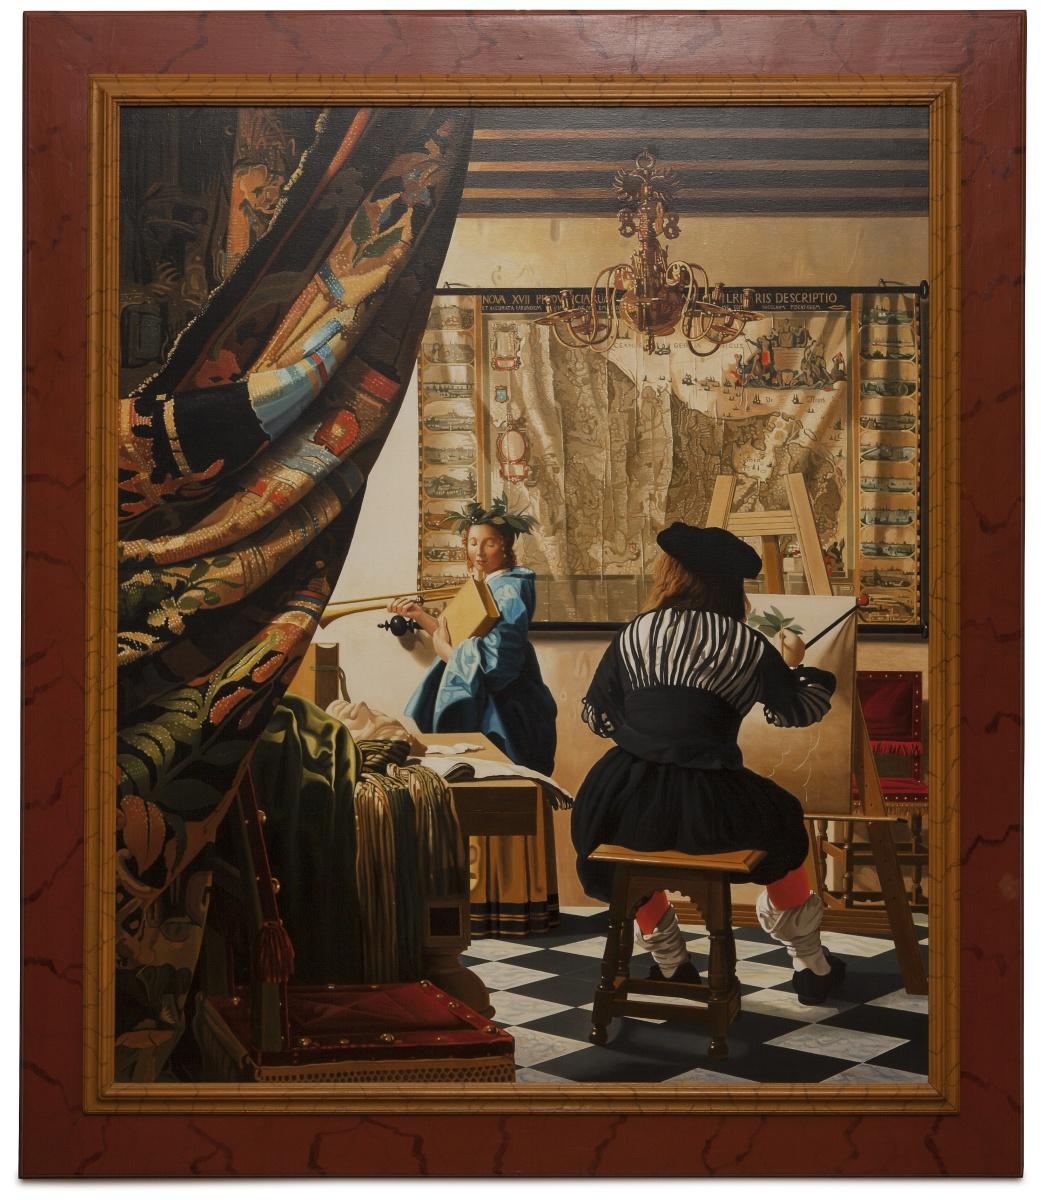 The art of painting - Allegoria della pittura - cm 125x105